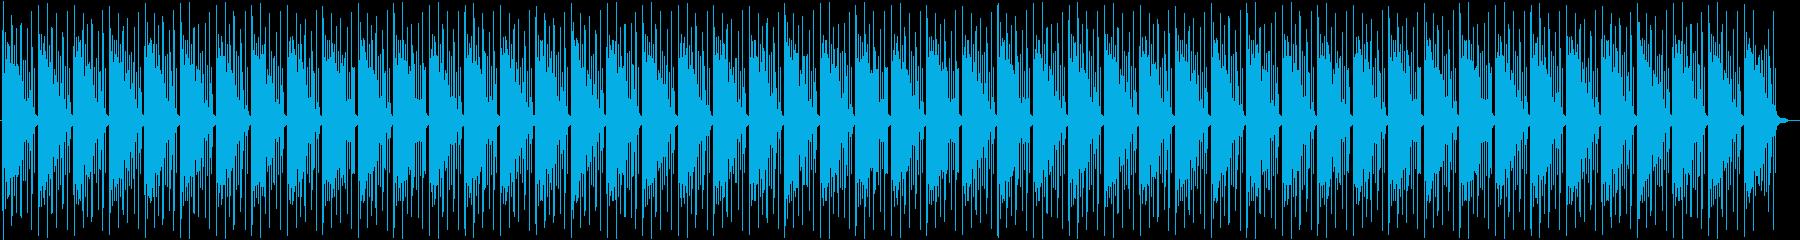 ロングVer. 妄想・回想・不思議な感じの再生済みの波形